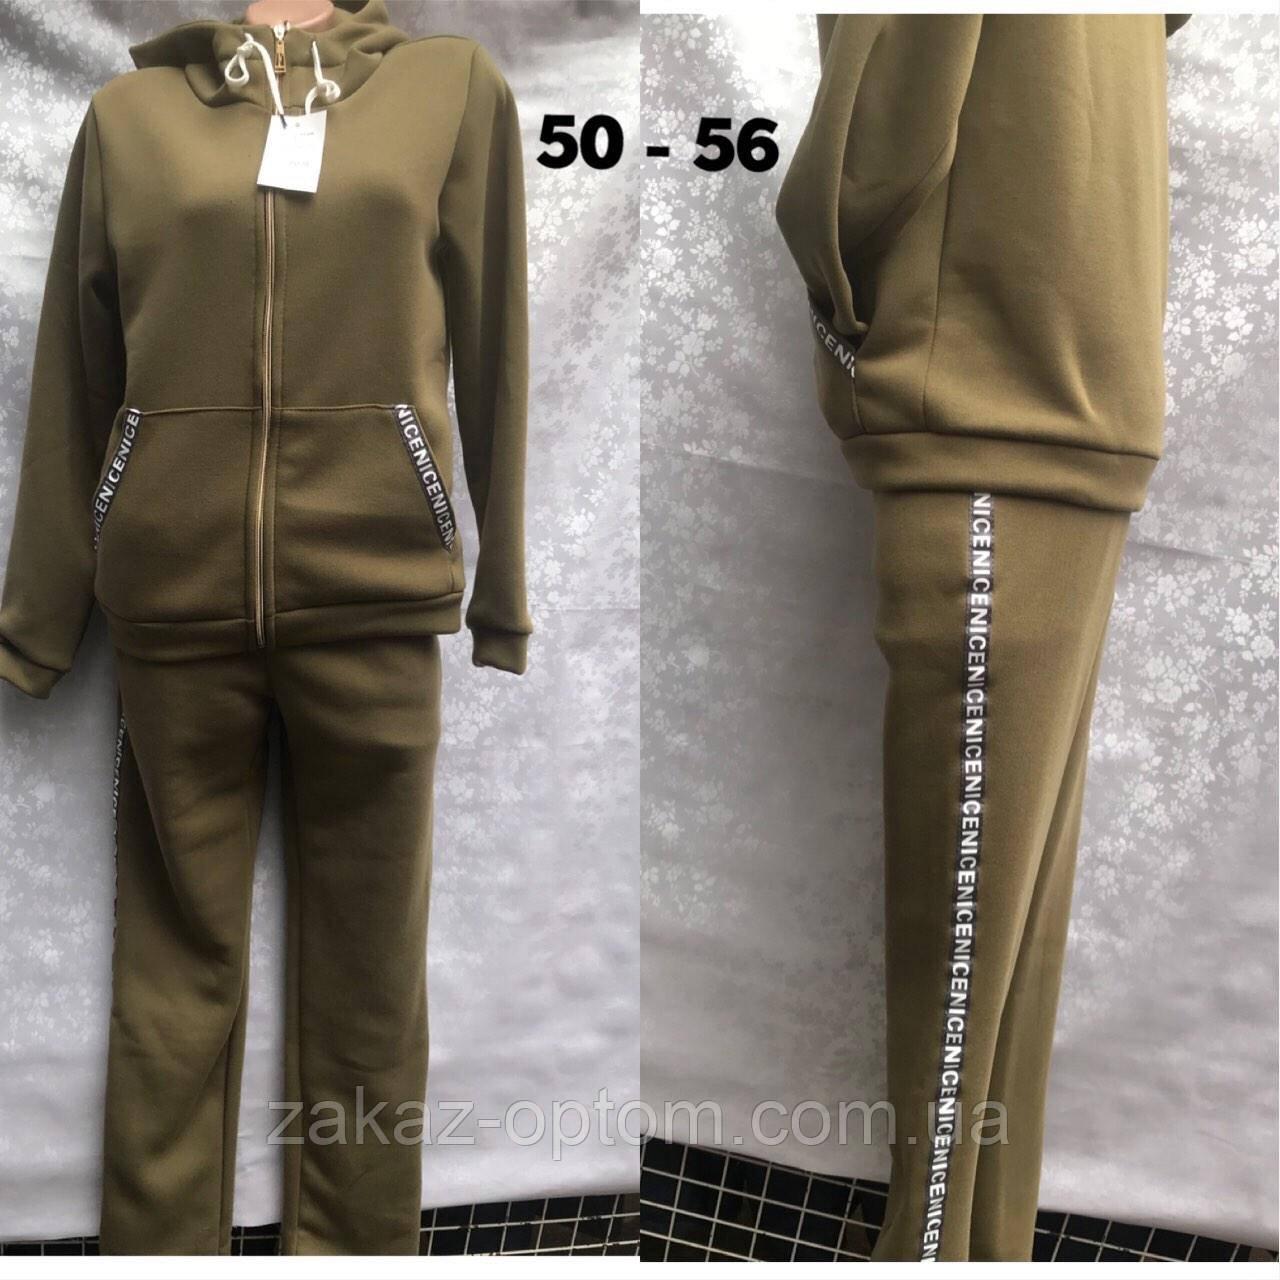 Спортивний костюм жіночий оптом на флісі(50-56)Україна-64323